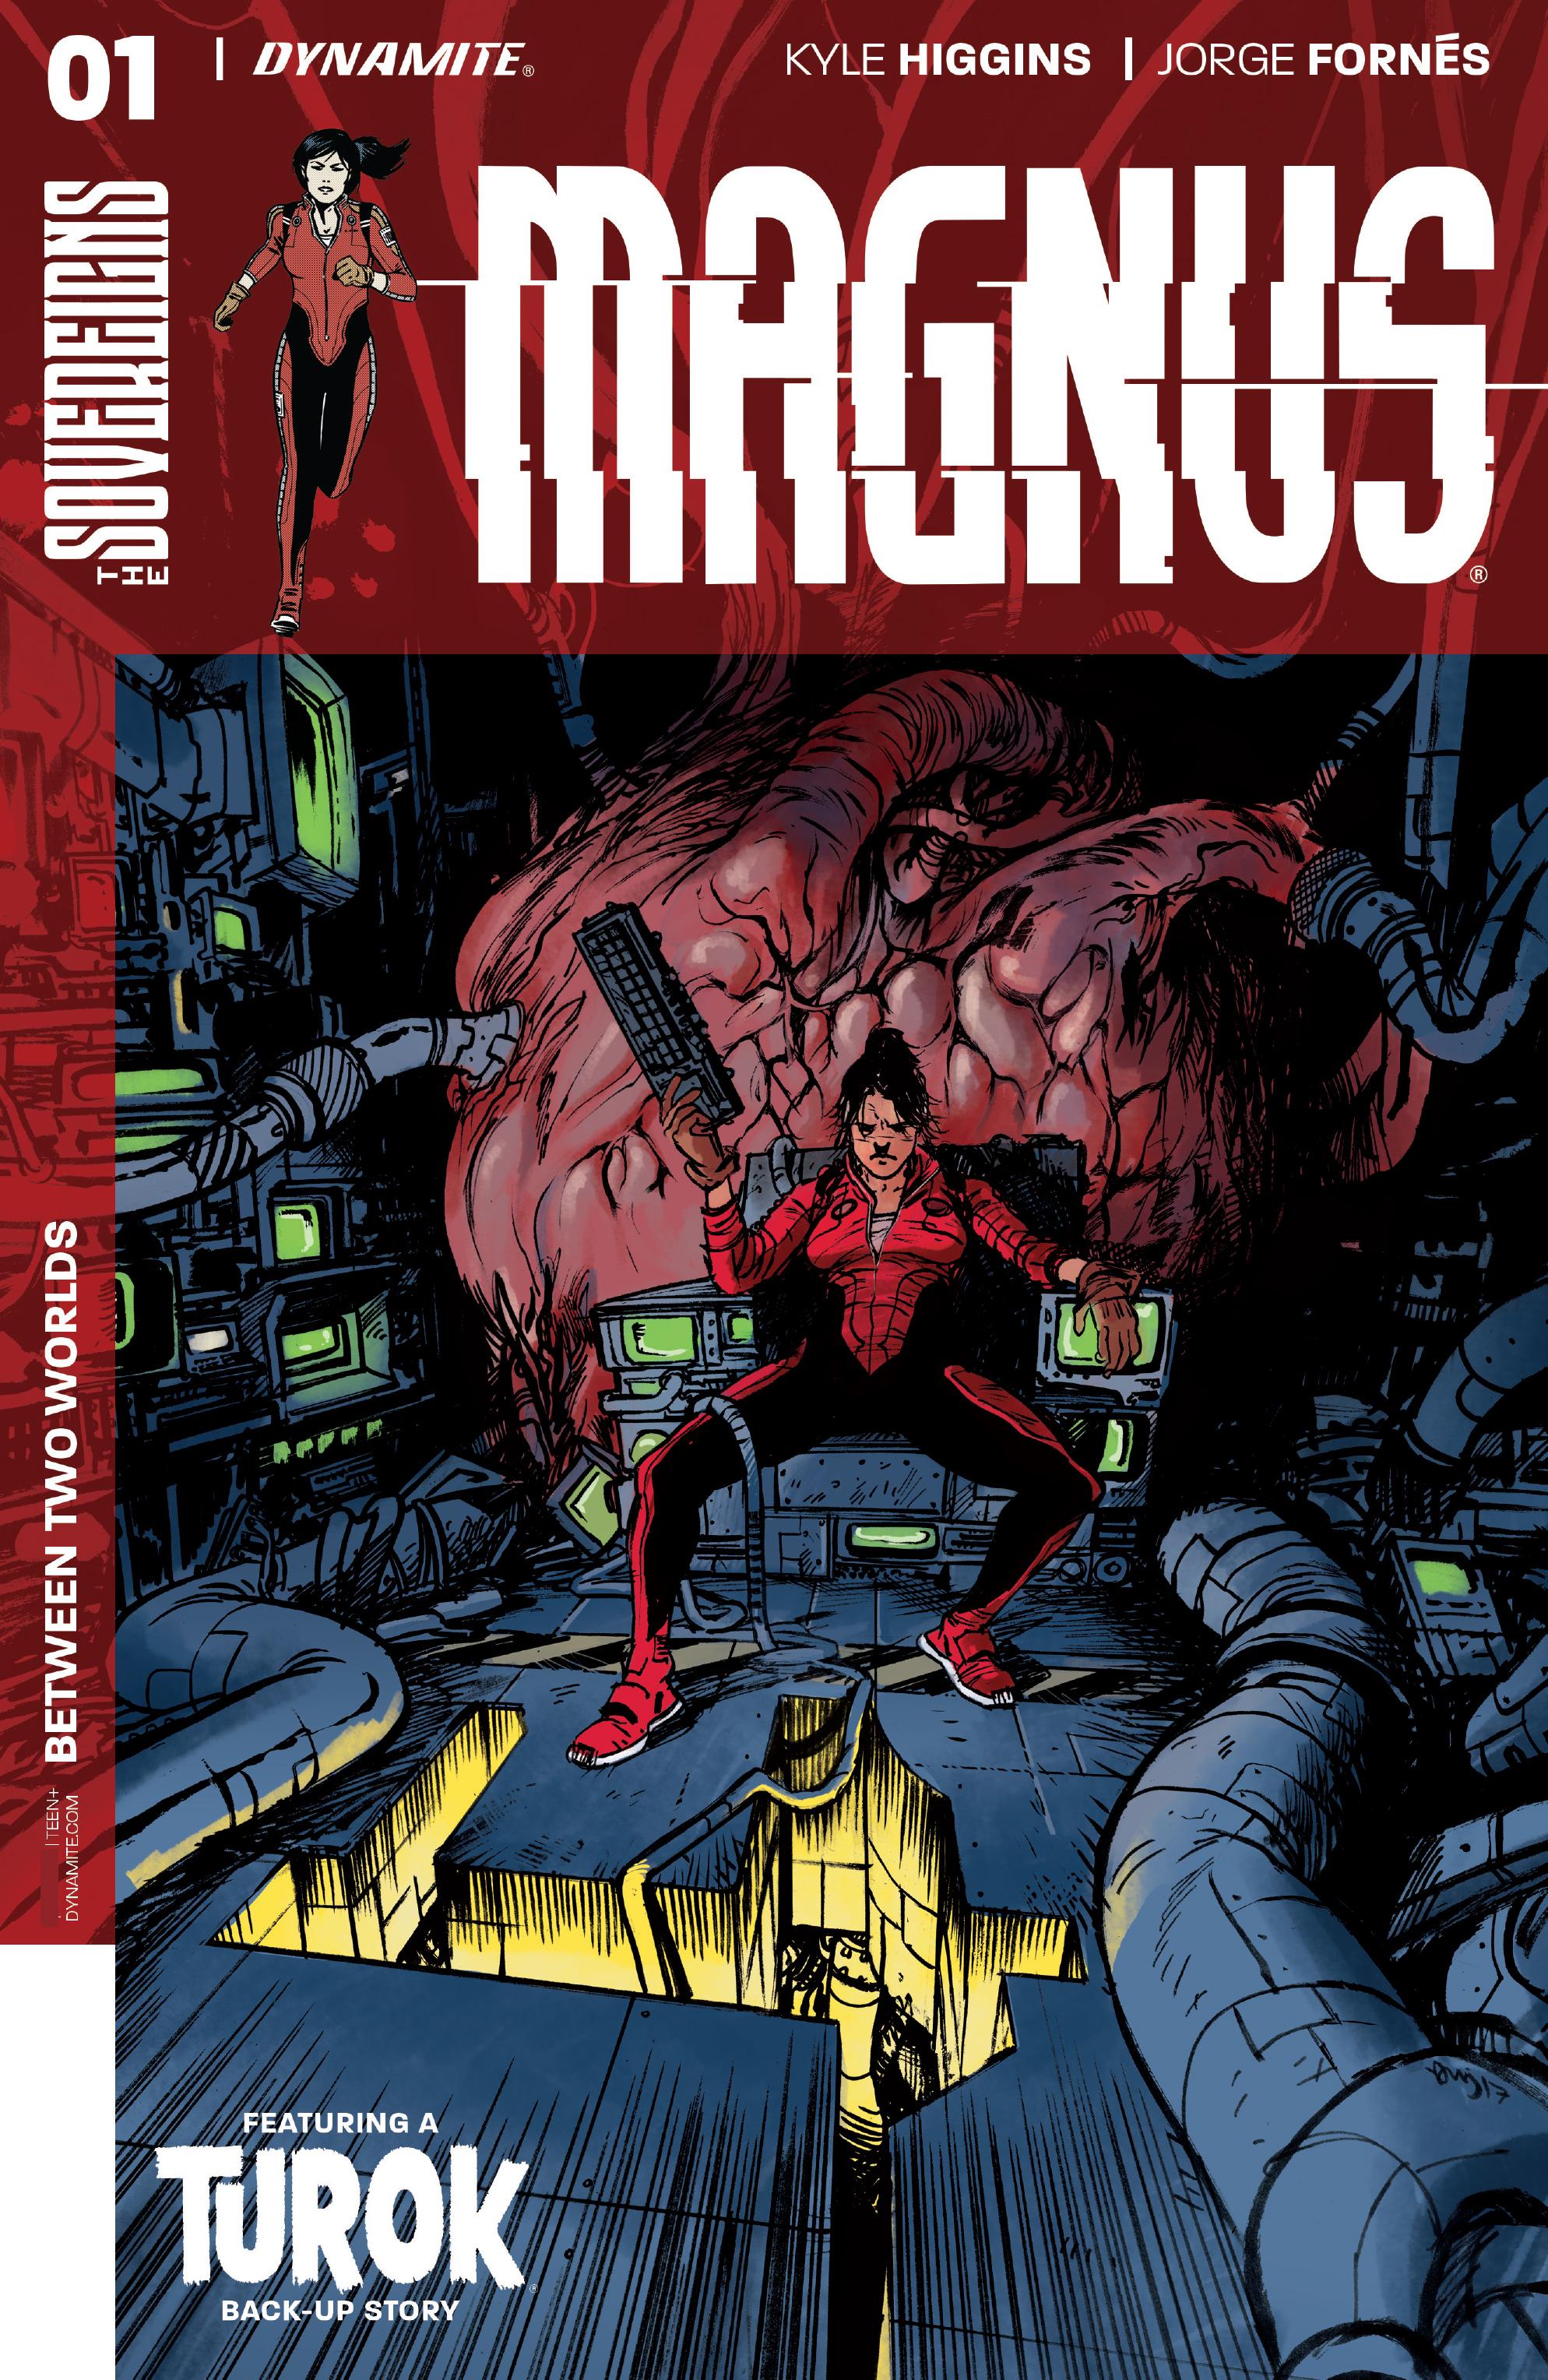 Read online Magnus comic -  Issue #1 - 4